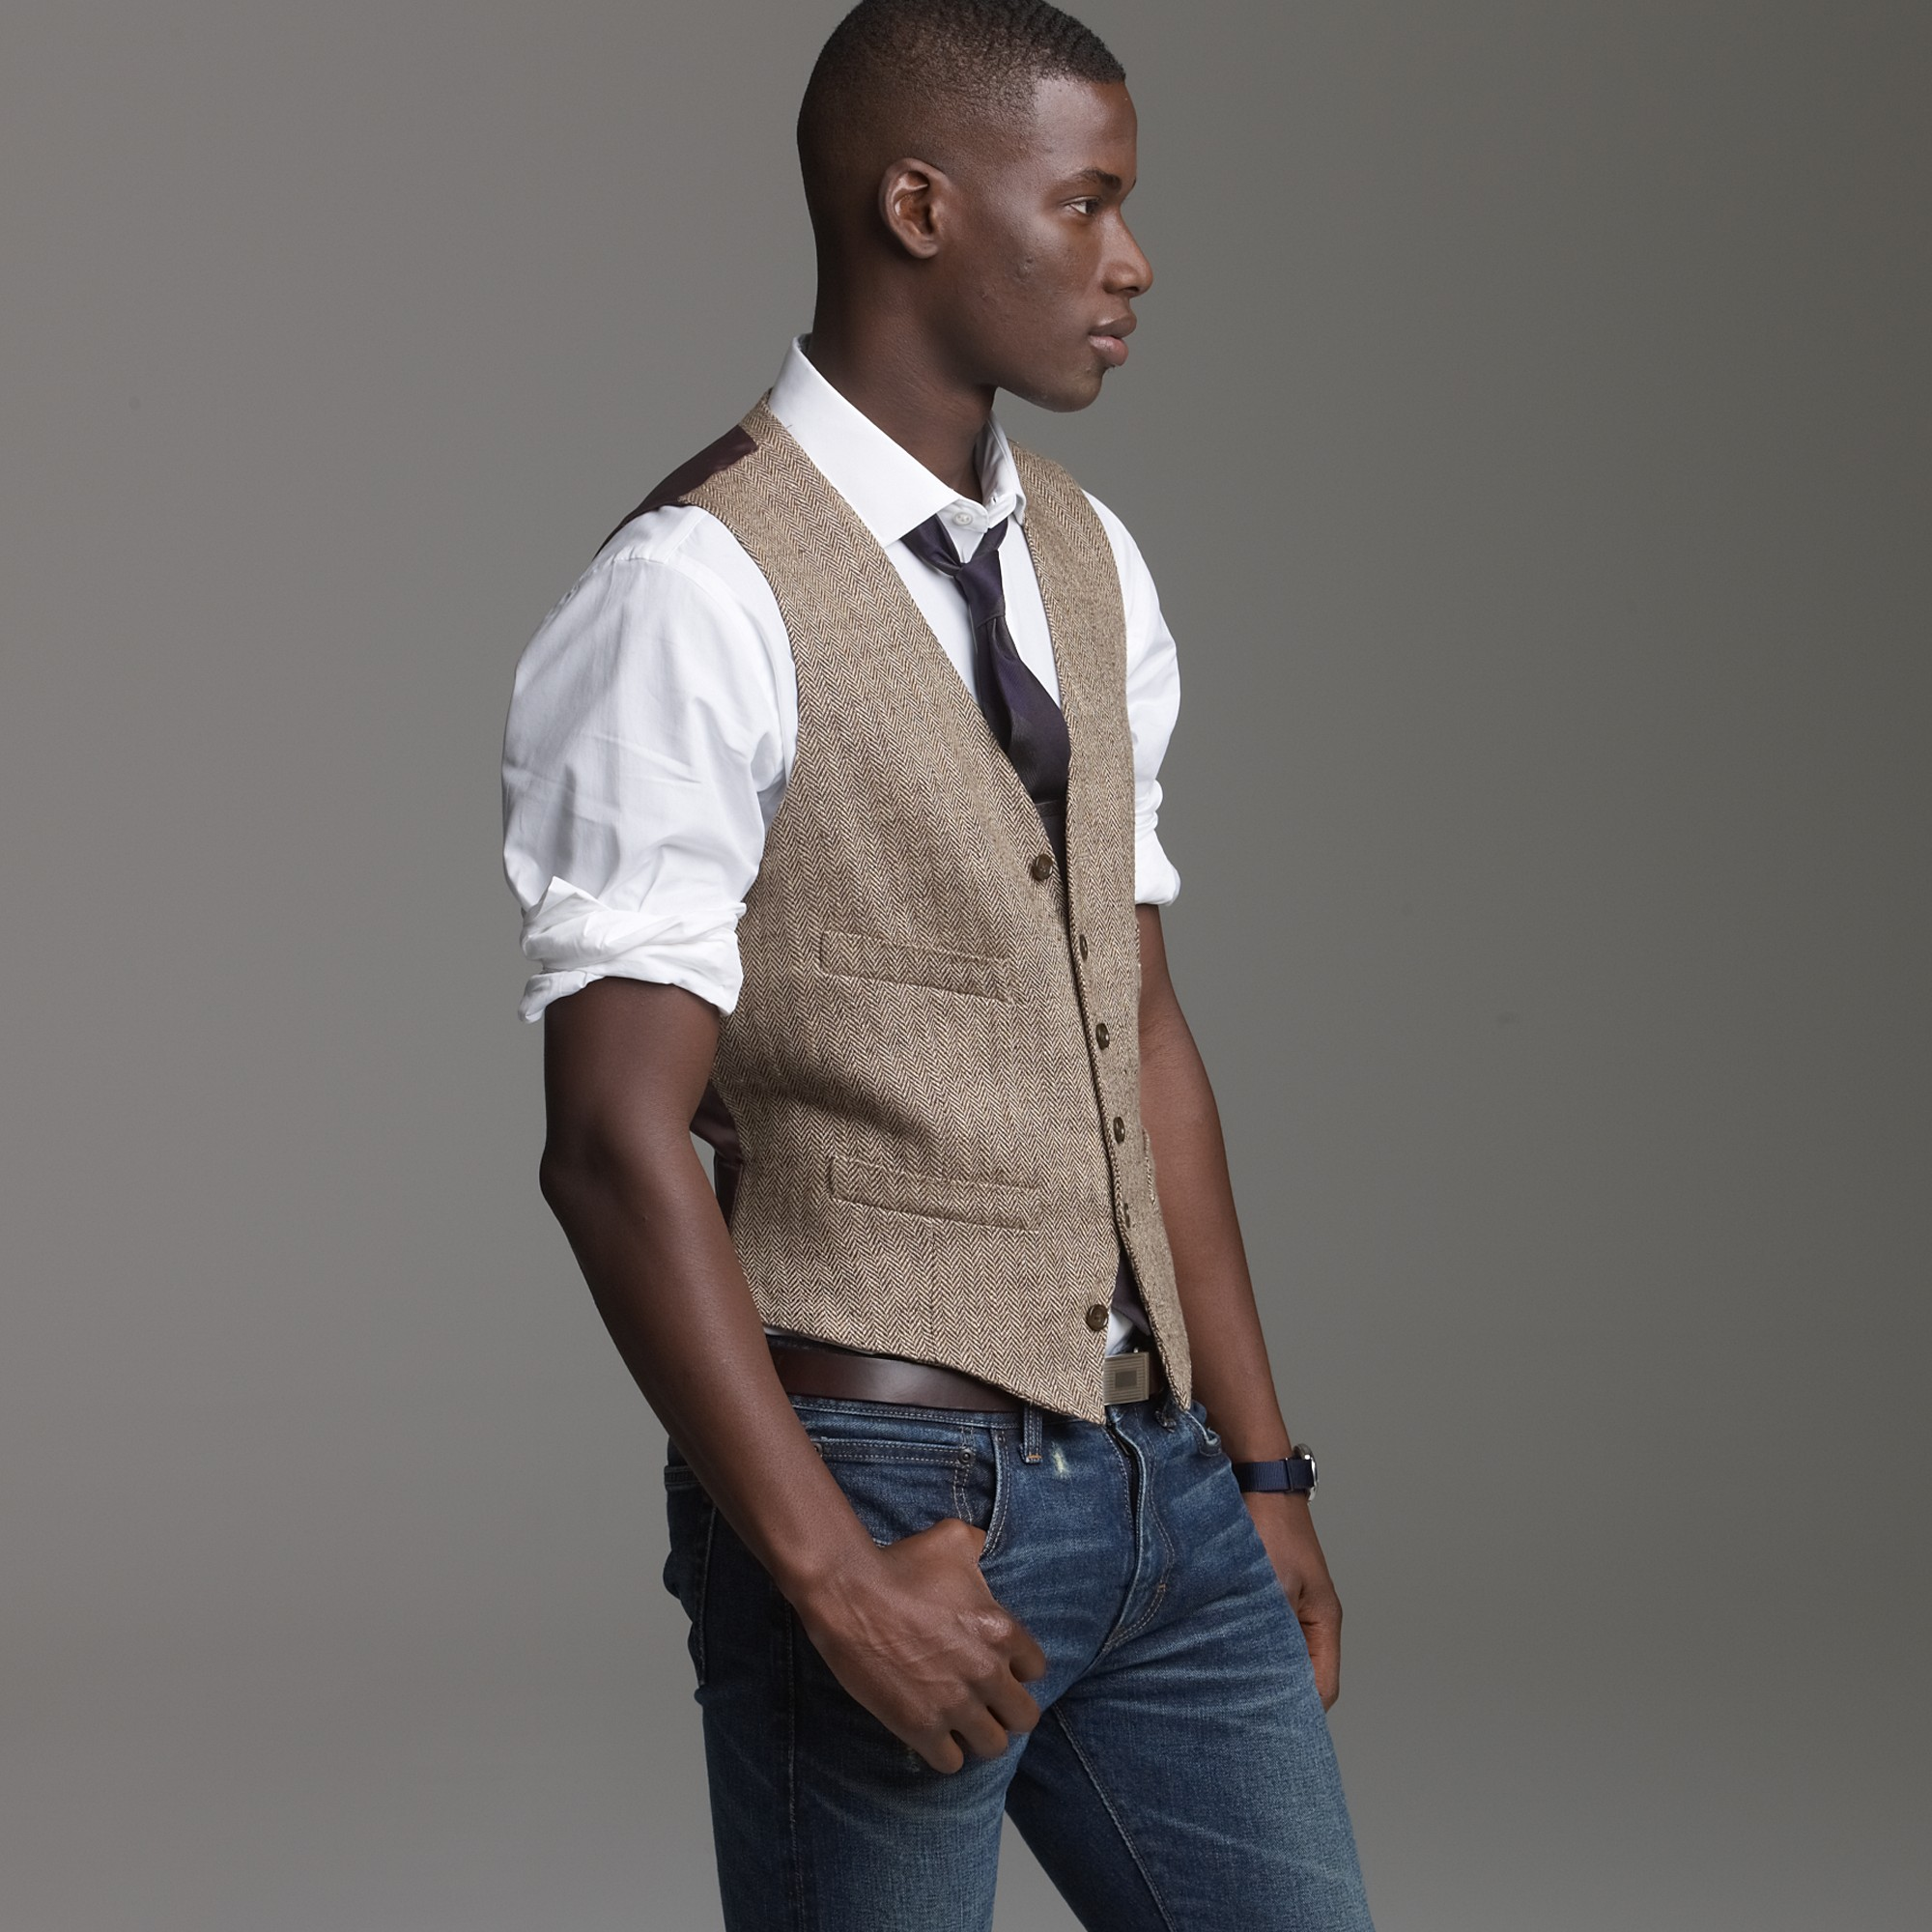 Brown Vest White Dress Shirt Men